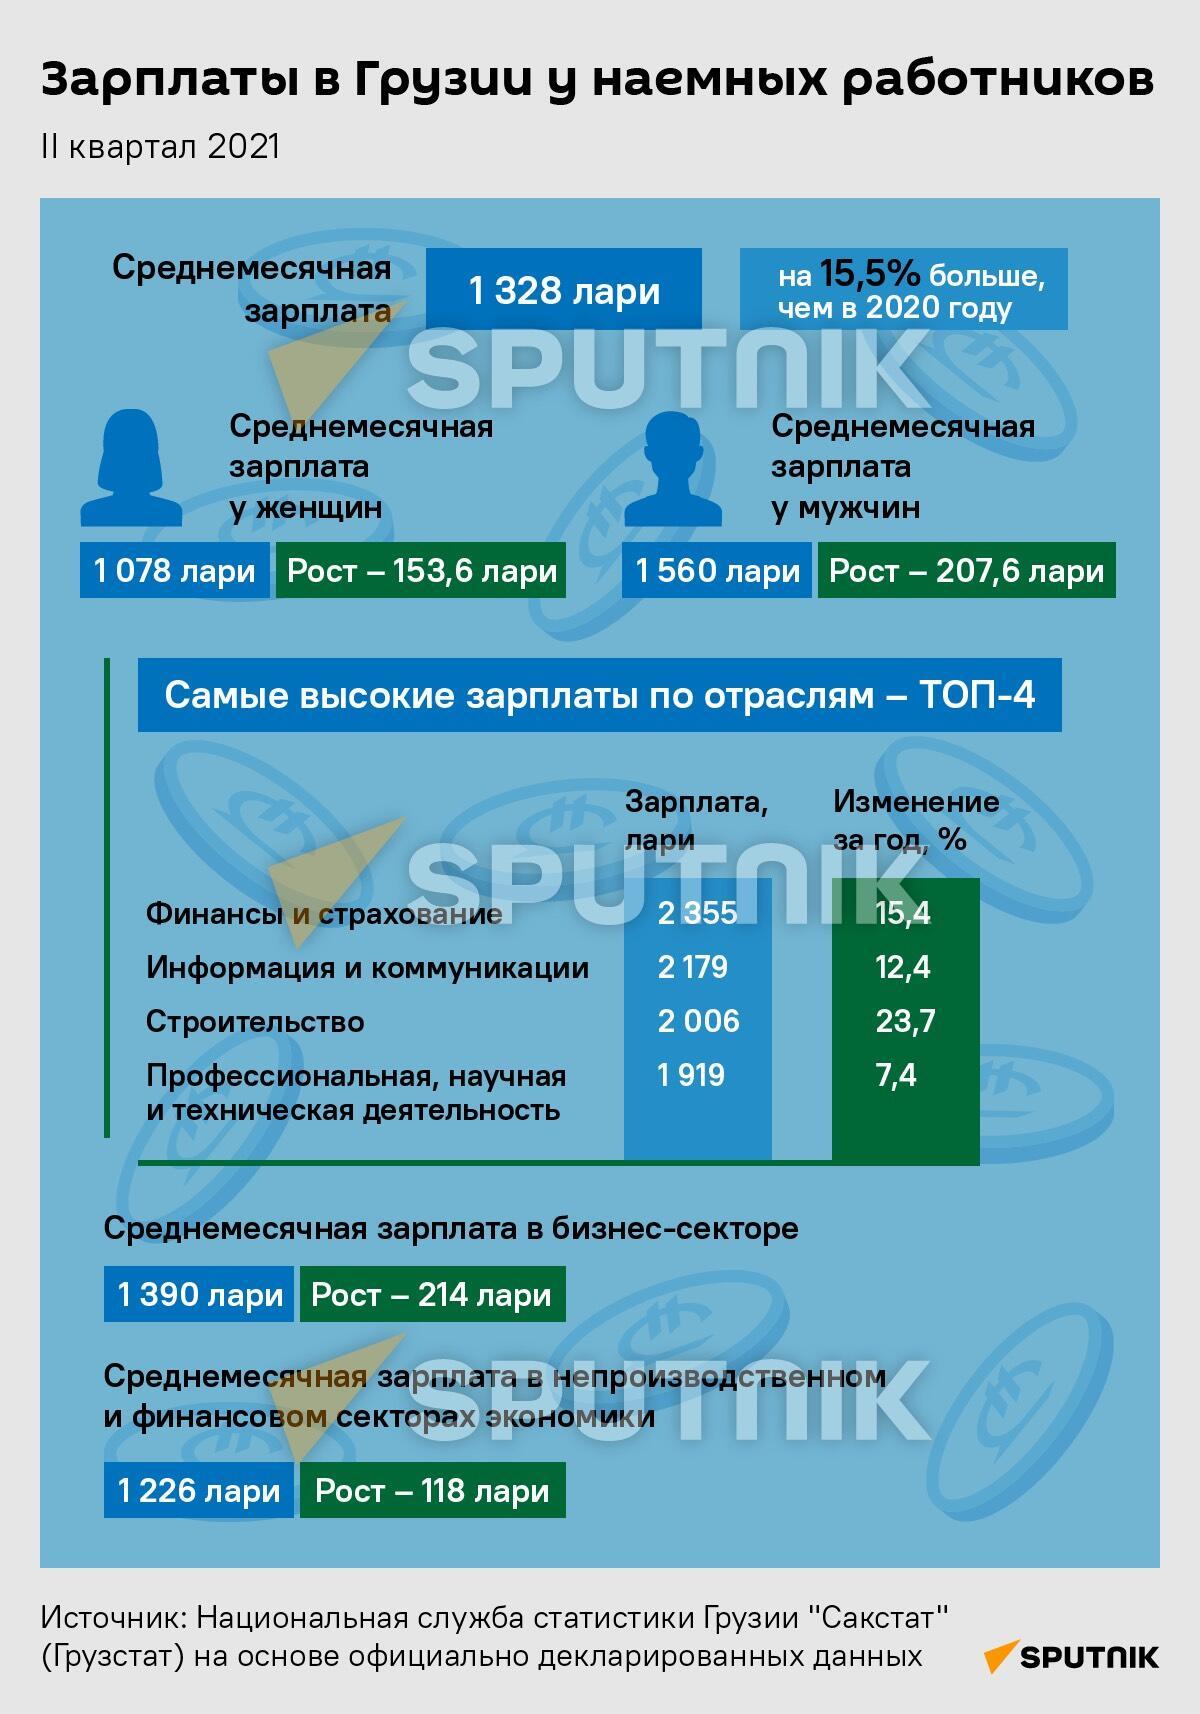 Сколько зарабатывают в Грузии - Sputnik Грузия